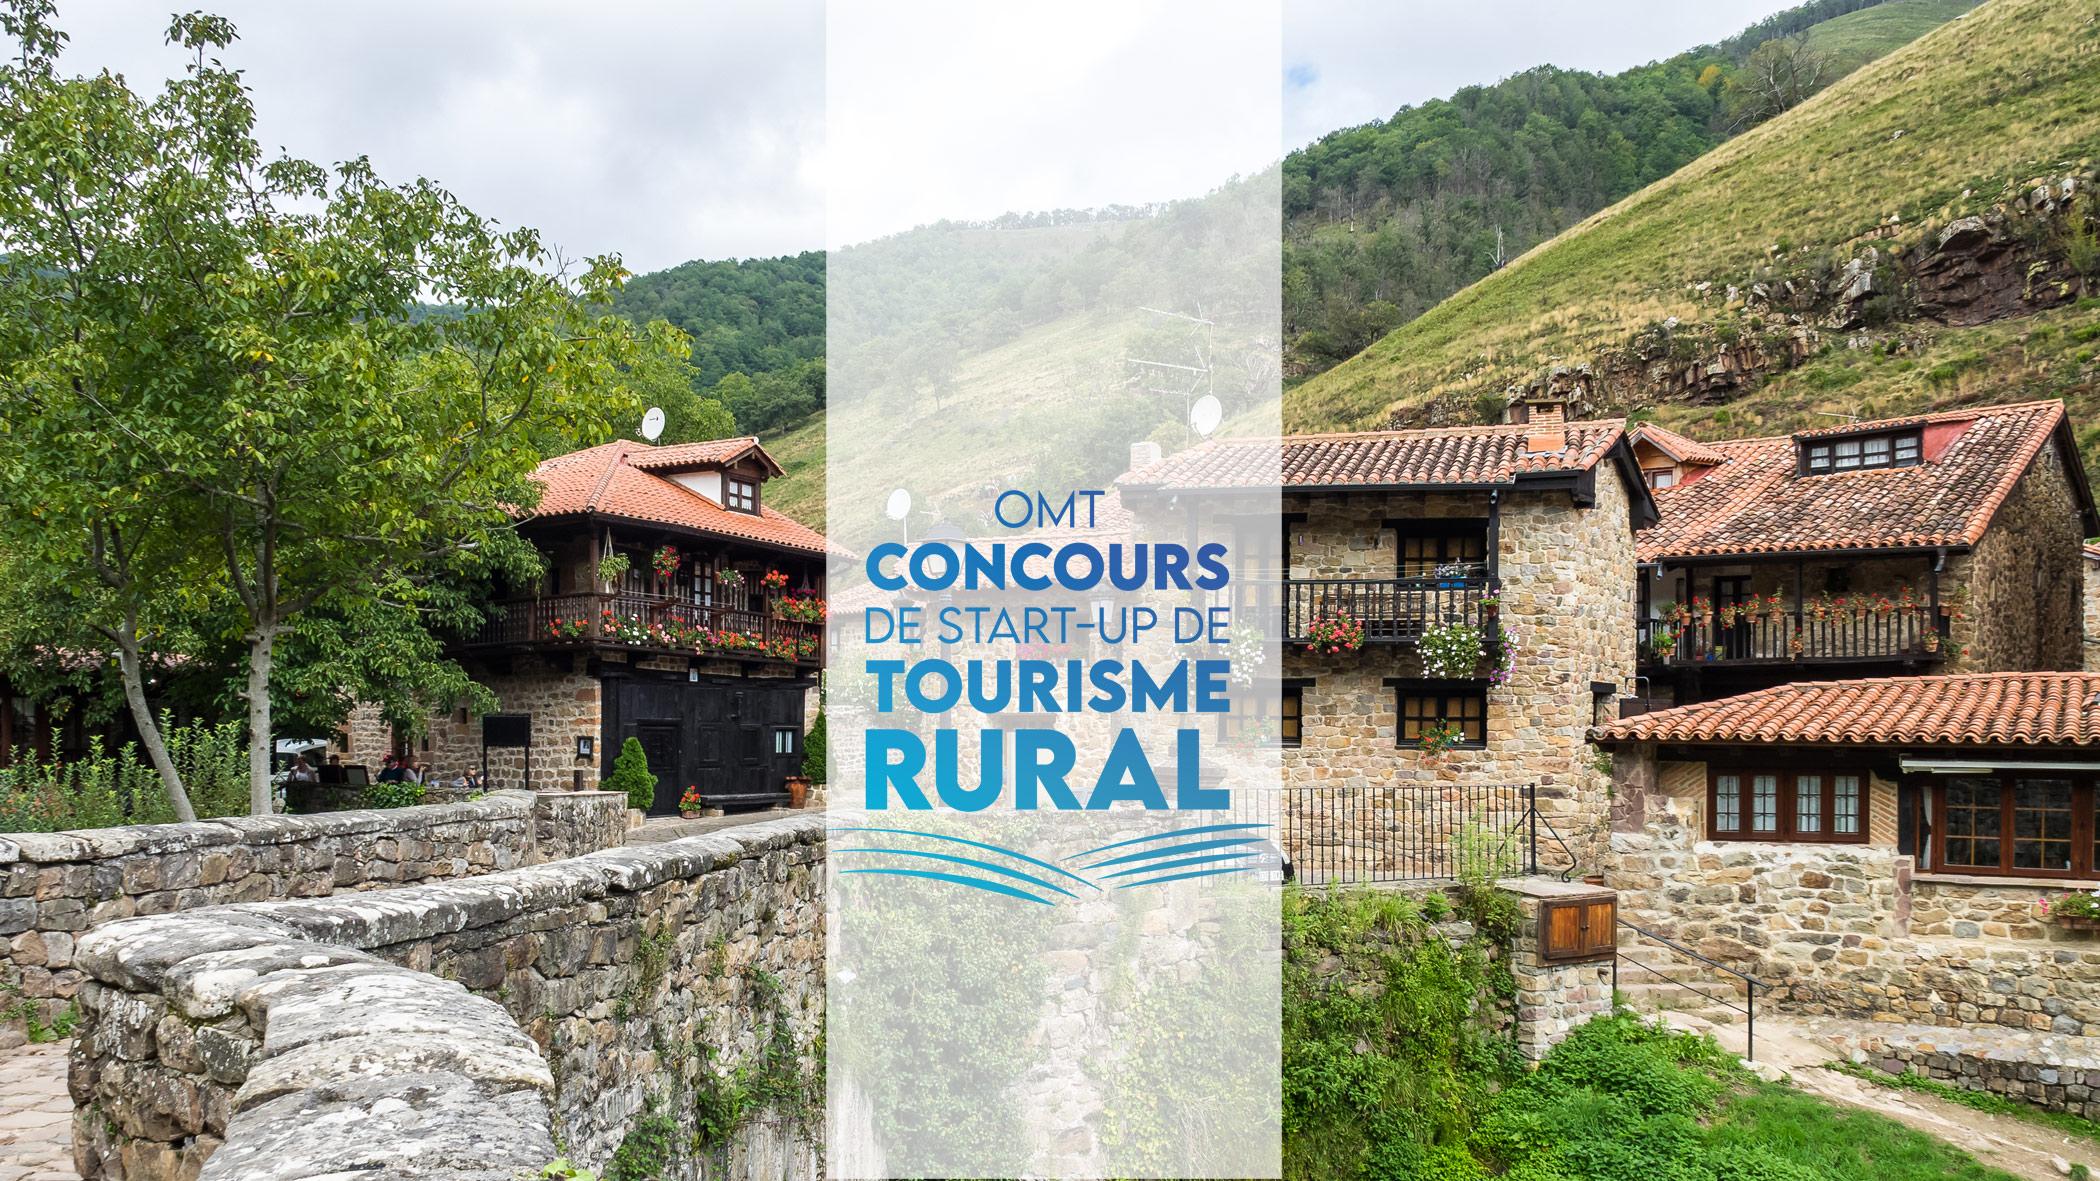 Concours de start-up en quête d'idées pour accélérer le développement rural par le tourisme